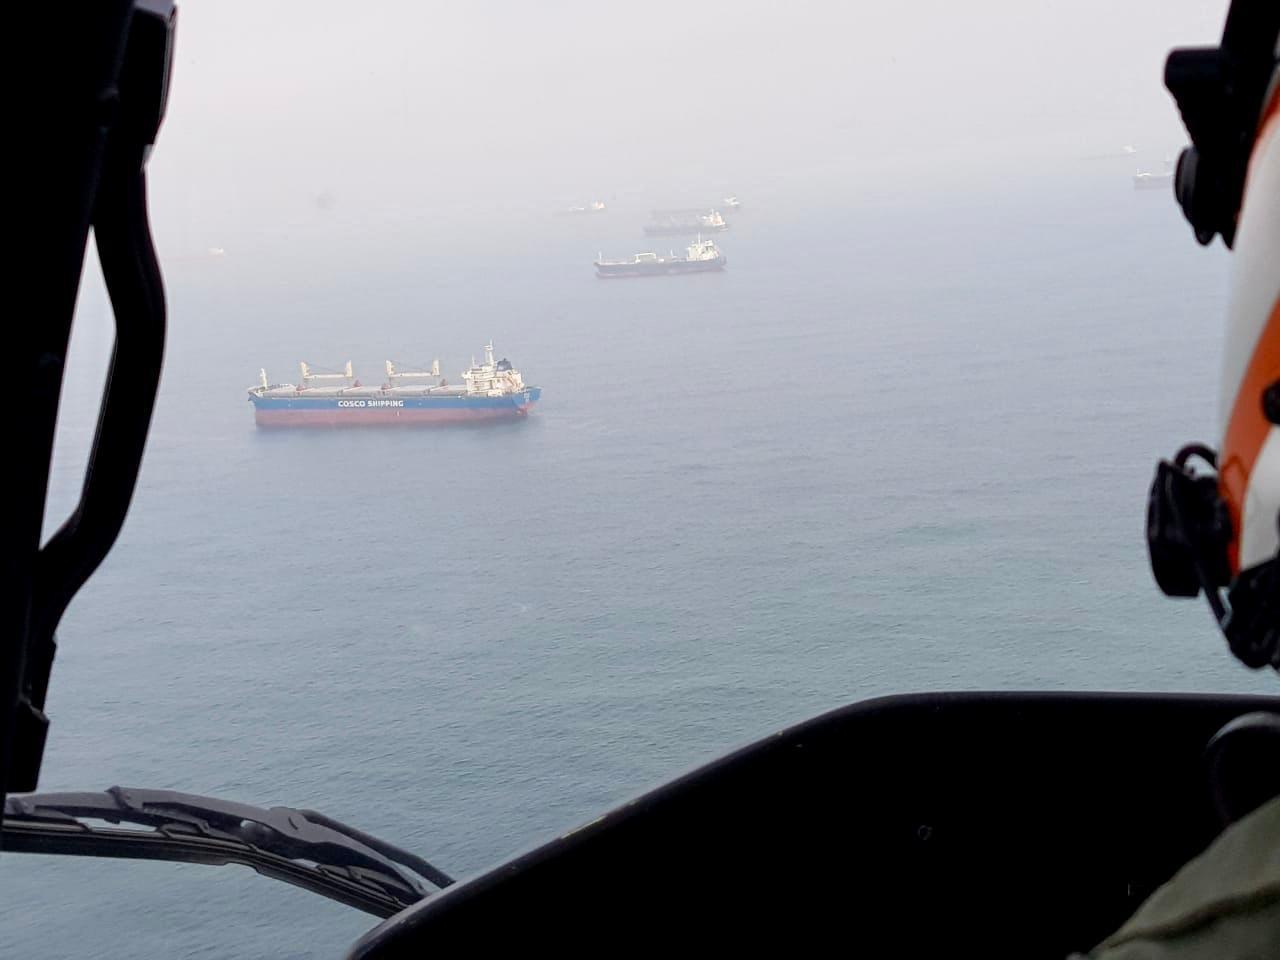 Megaoperação da Marinha apreende embarcações e flagra pesca irregular no litoral de SP - Notícias - Plantão Diário